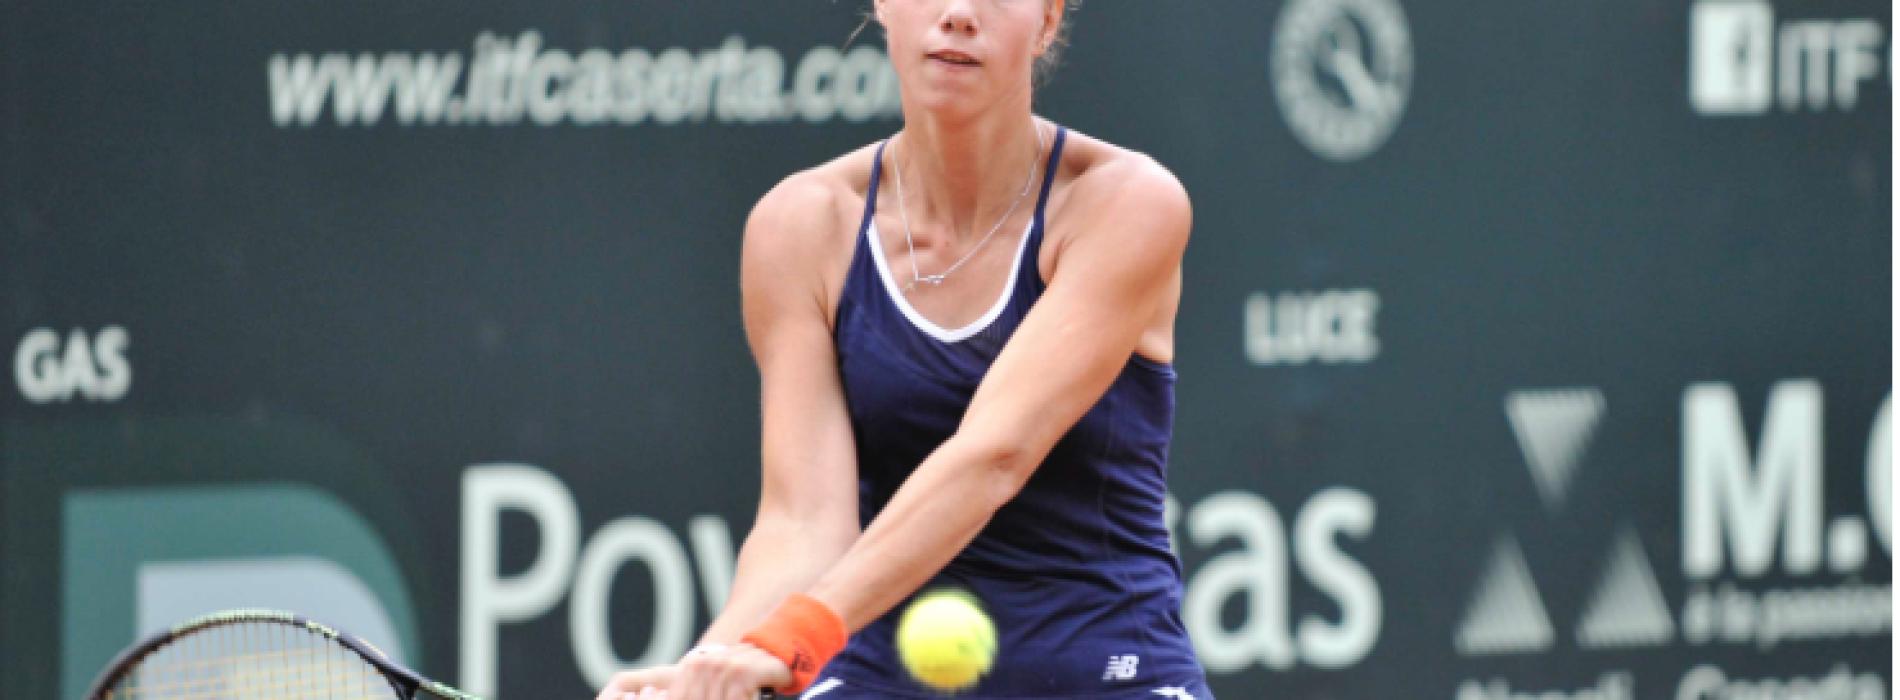 Città di Caserta – Powergas Tennis Cup. XXIX edizione